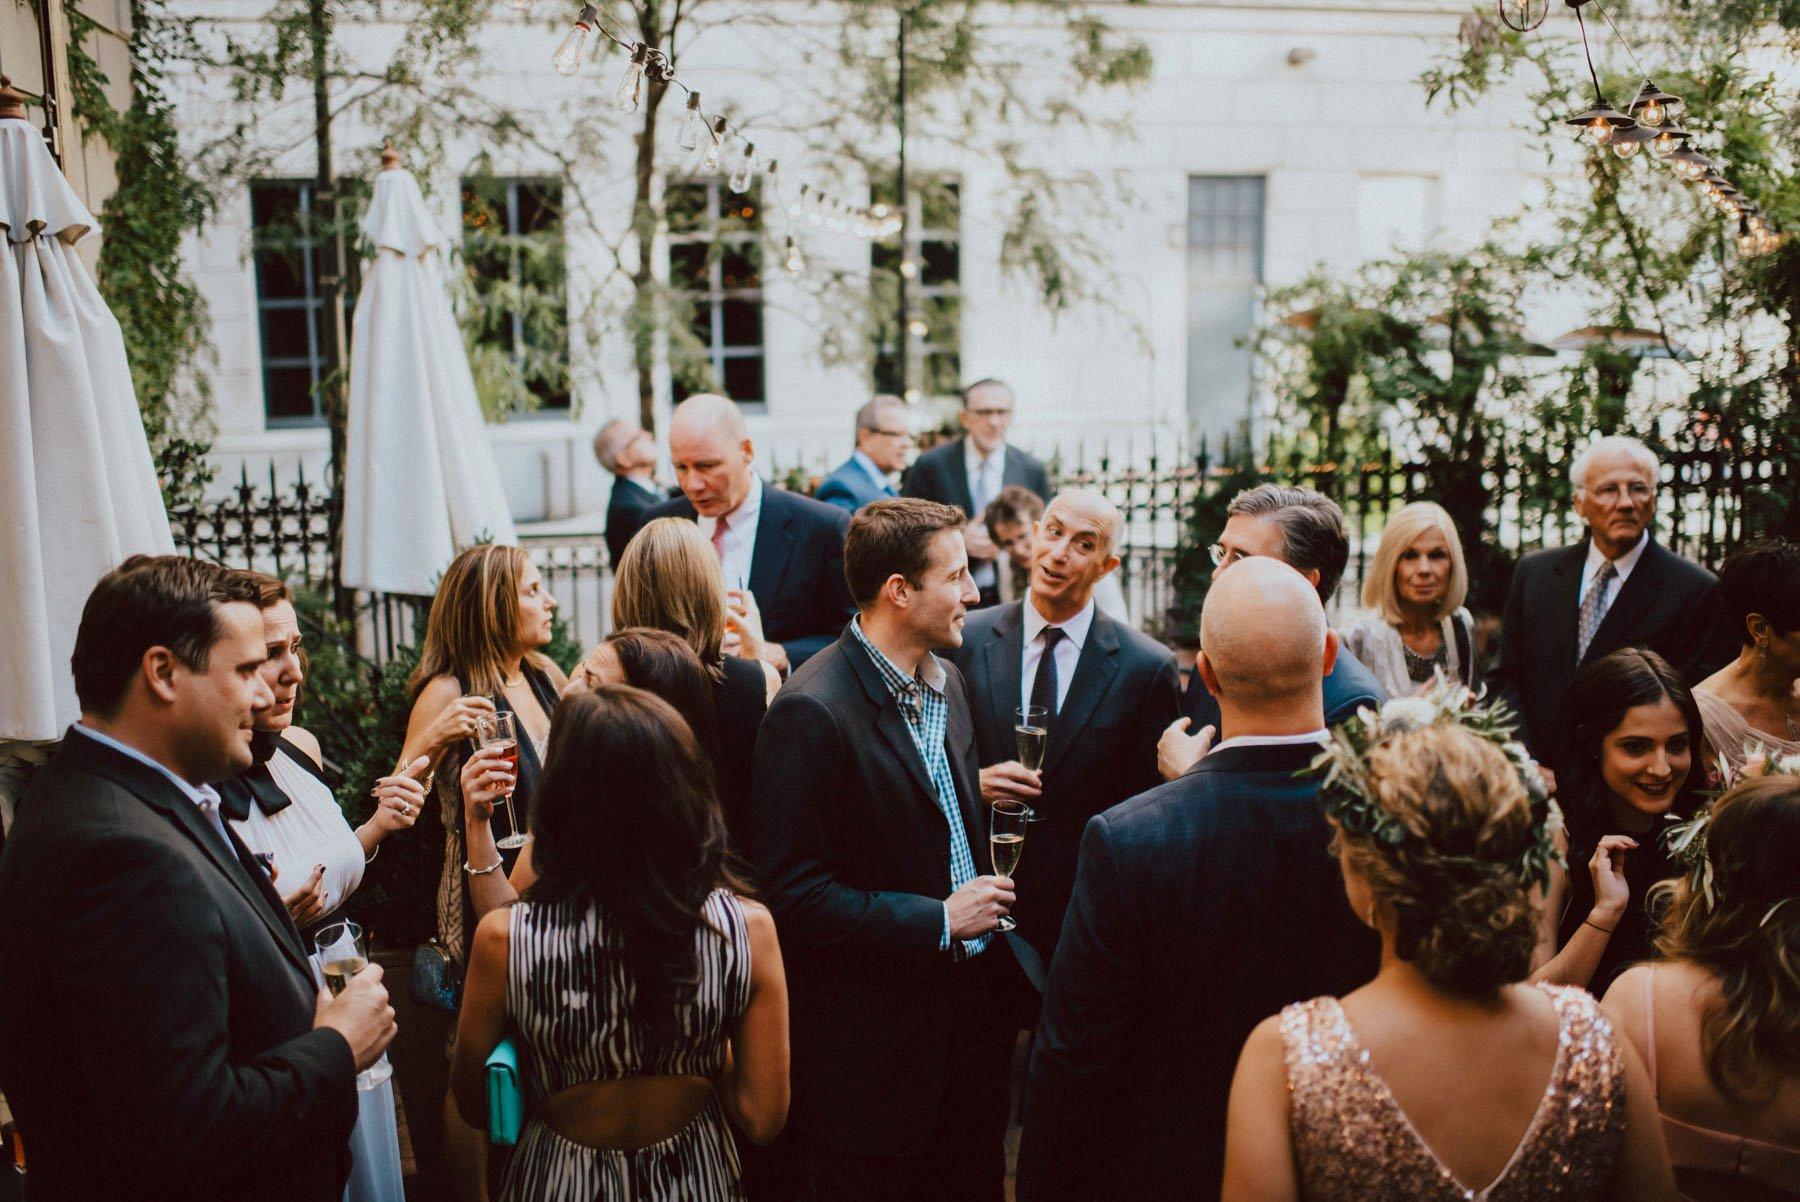 la-cheri-philadelphia-wedding-35.jpg